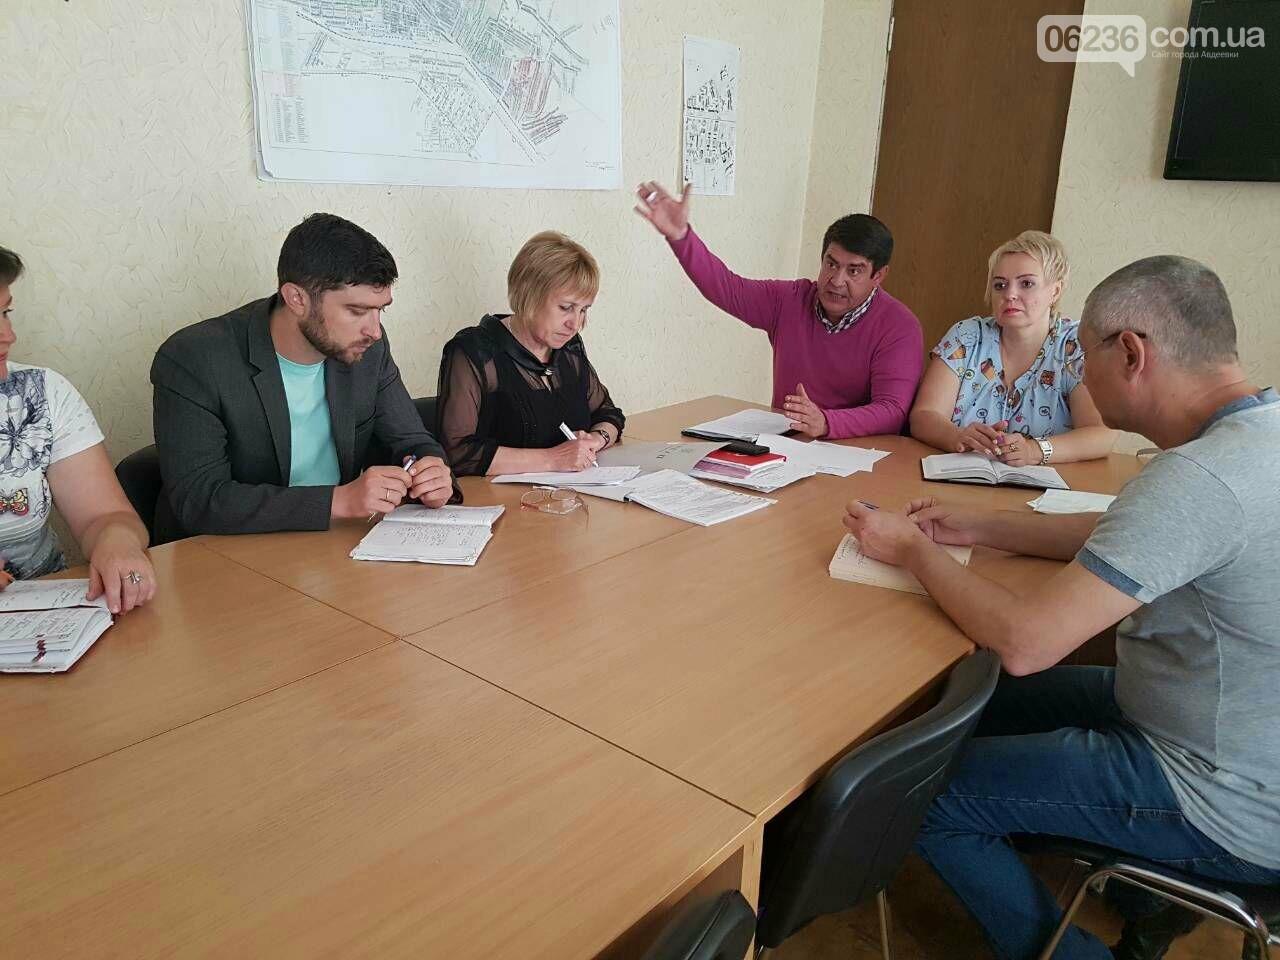 Конструктивный диалог – ключ к успешному развитию Авдеевки, фото-1